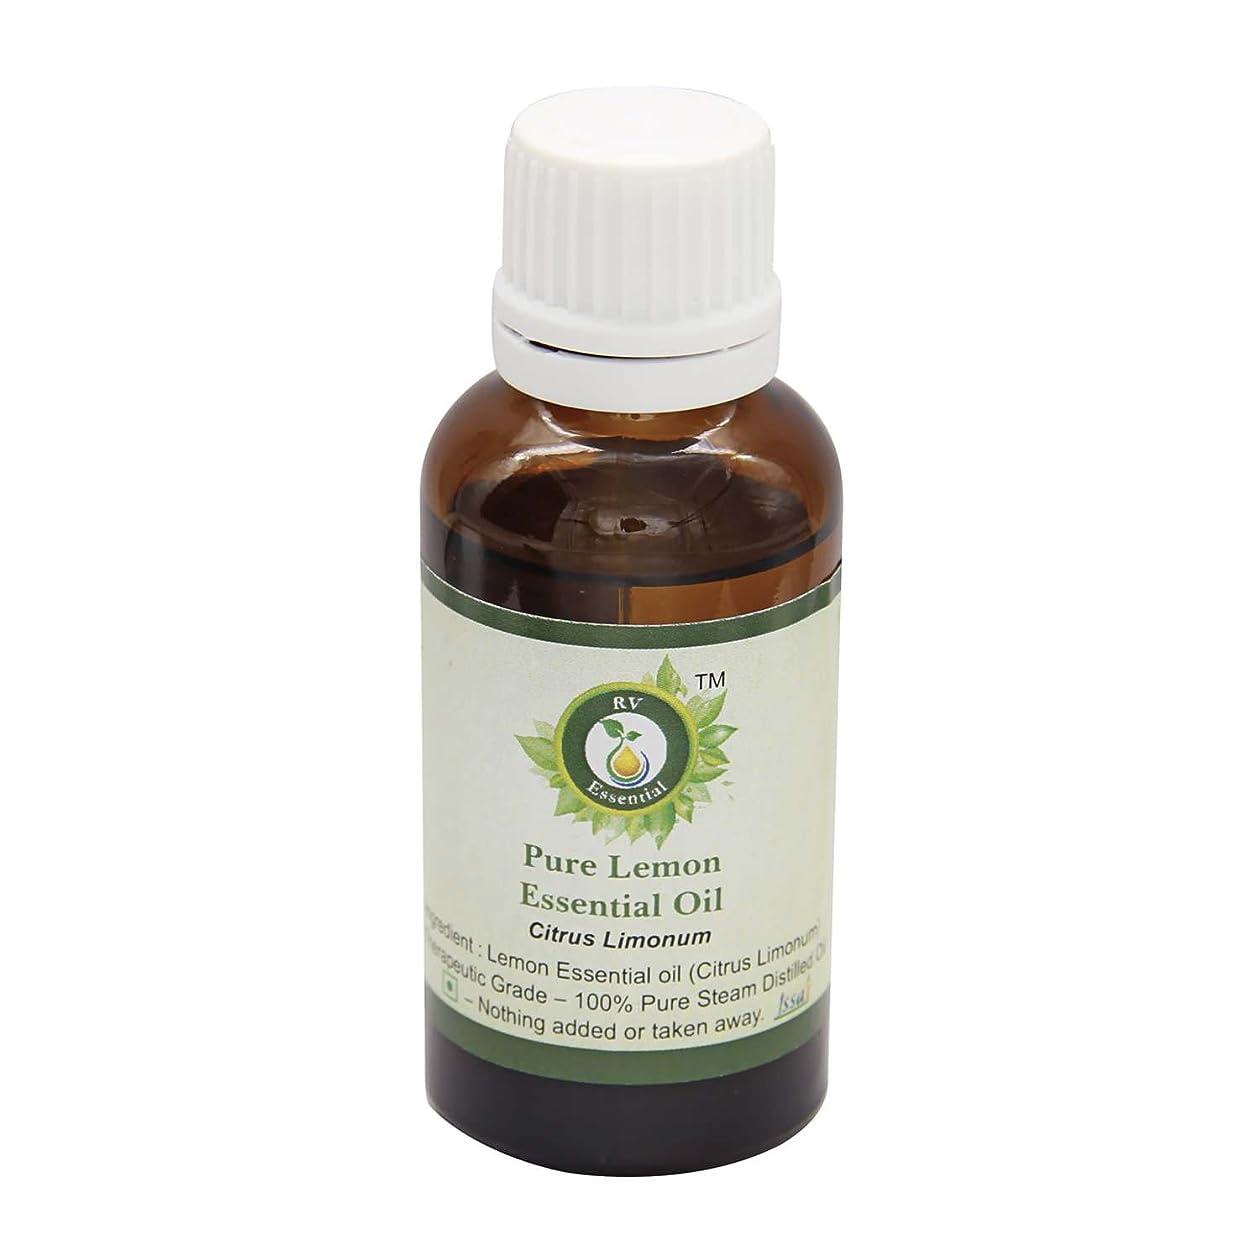 すり南極バルブR V Essential ピュアレモンエッセンシャルオイル630ml (21oz)- Citrus Limonum (100%純粋&天然スチームDistilled) Pure Lemon Essential Oil